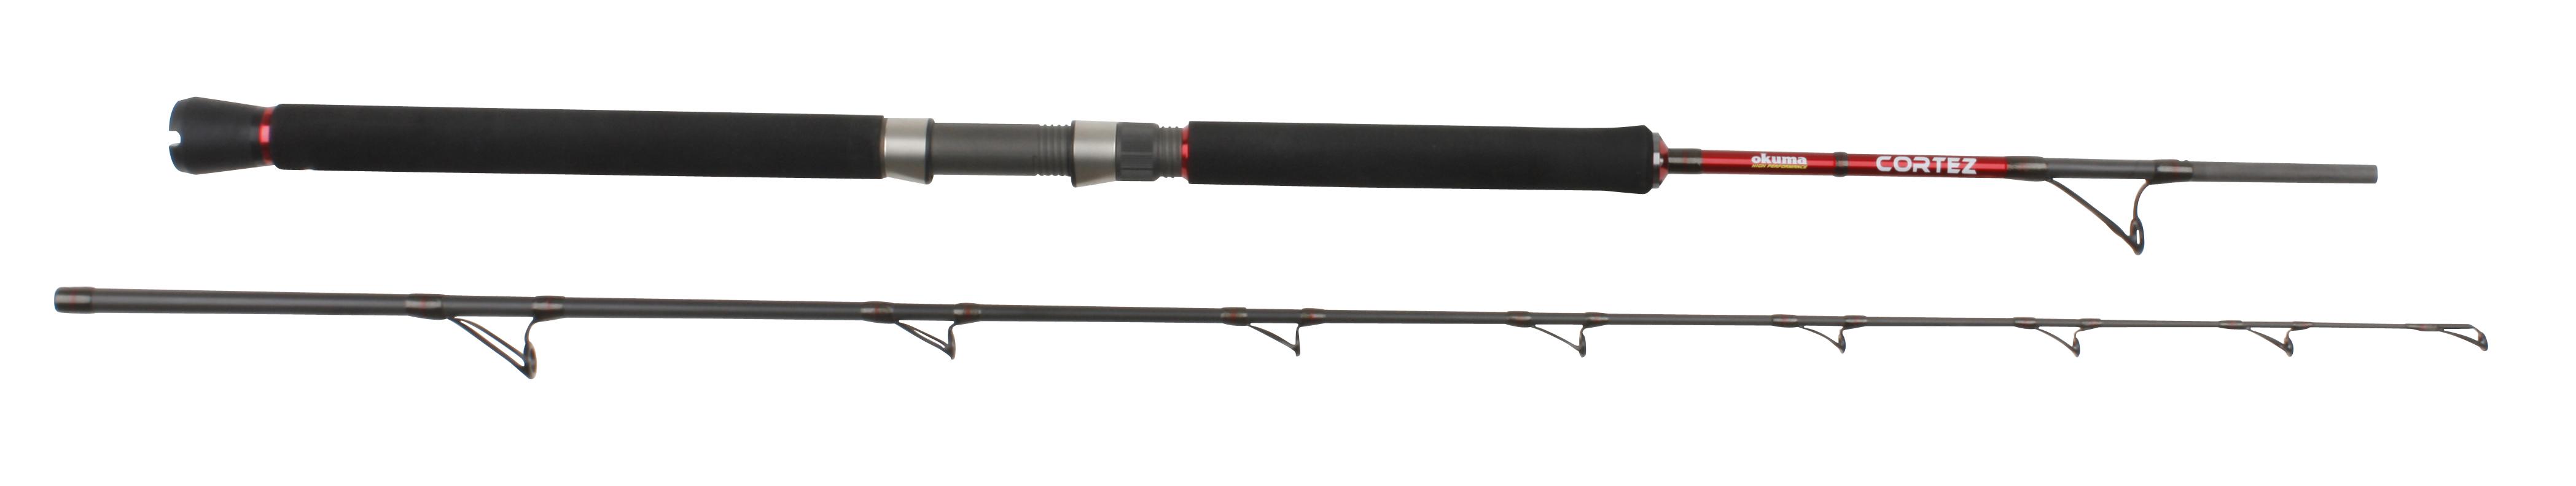 Okuma cortez rods glasgow angling centre for Okuma fishing rods